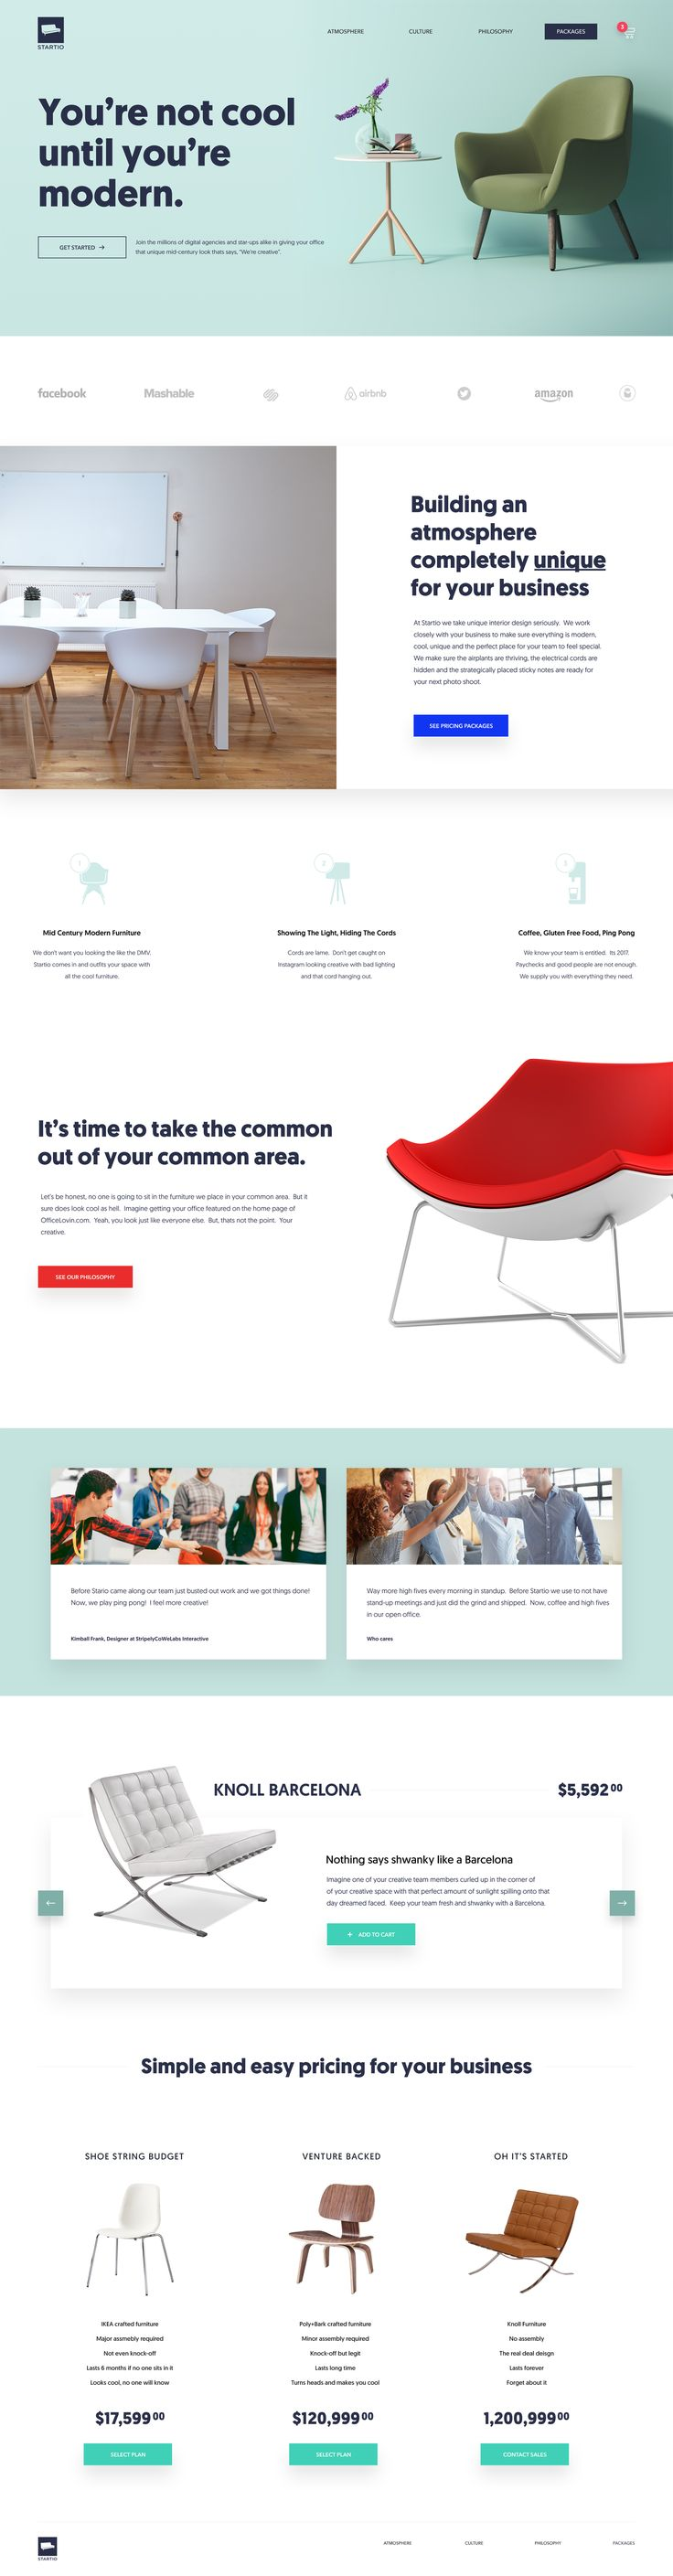 Astounding 17 Best Ideas About Furniture Catalog On Pinterest Catalog Inspirational Interior Design Netriciaus